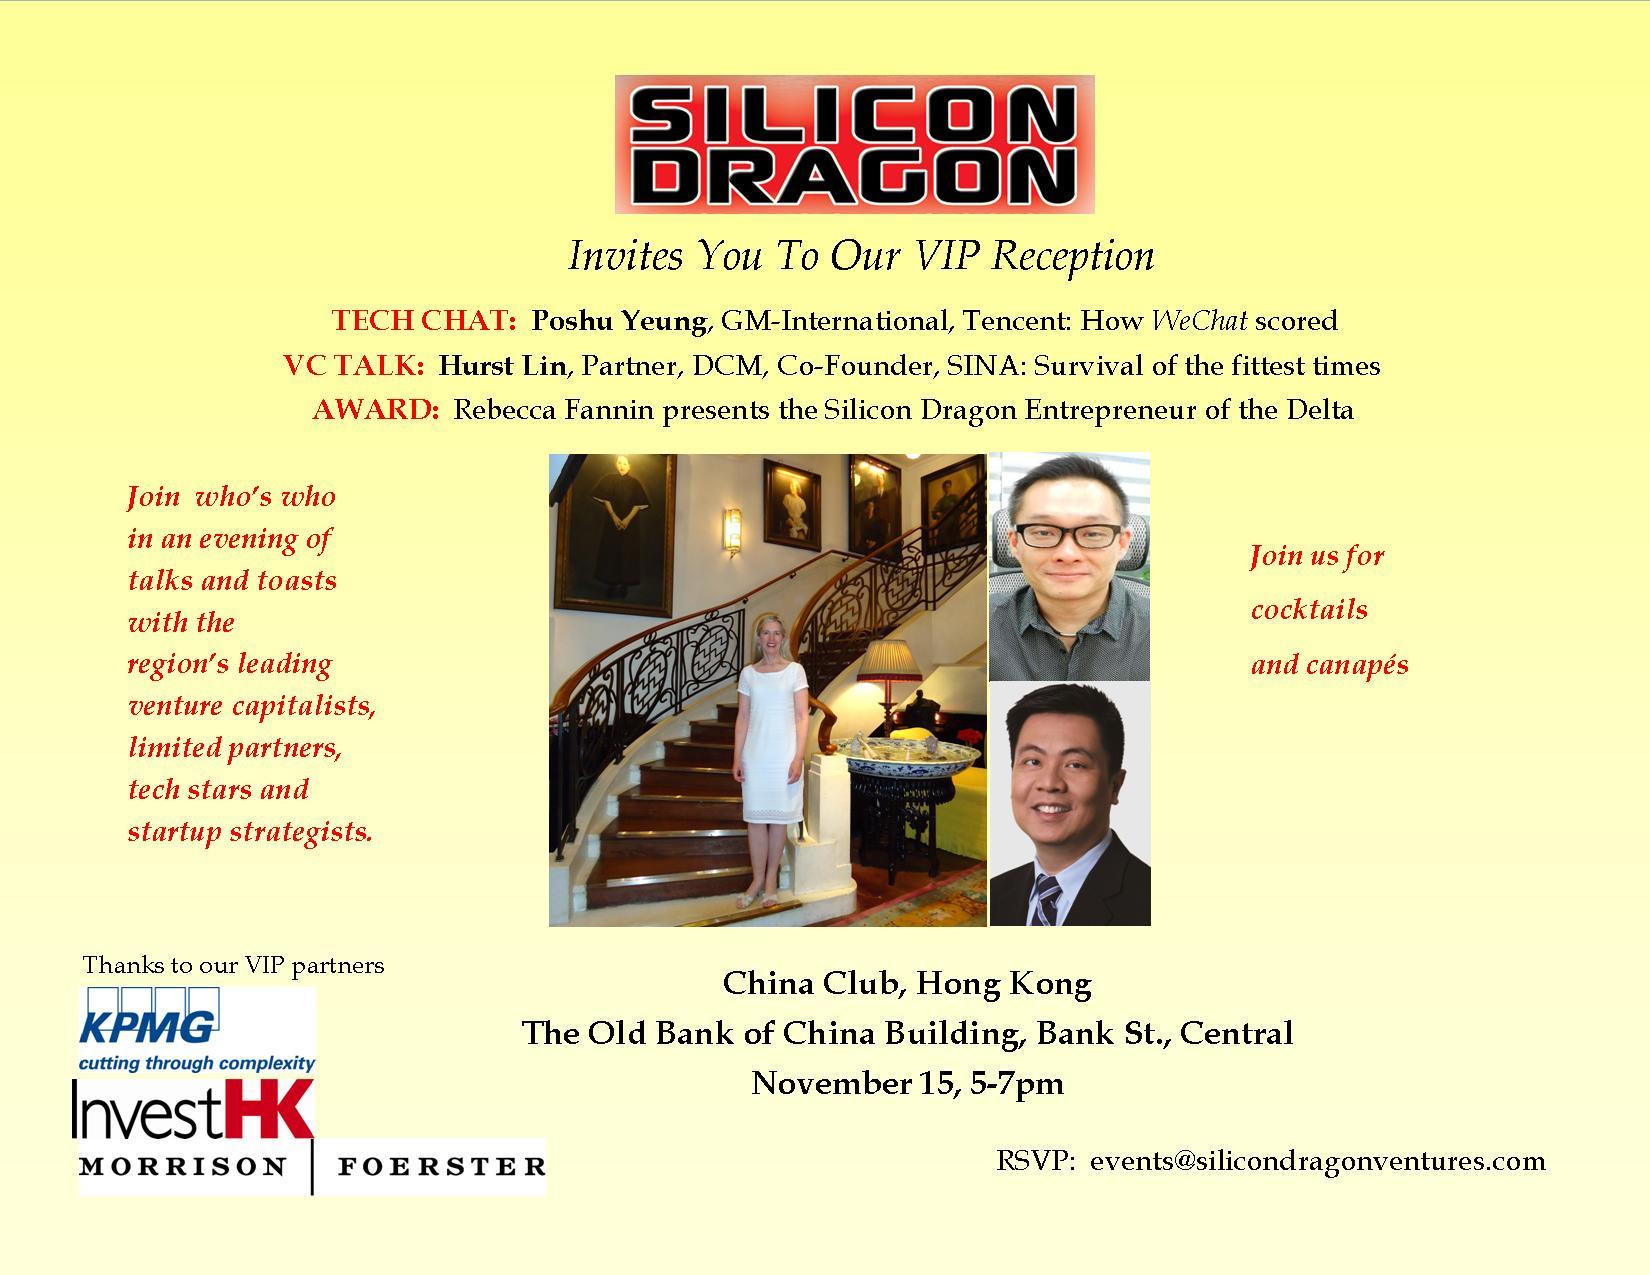 Invite to Silicon Dragon HK 2012